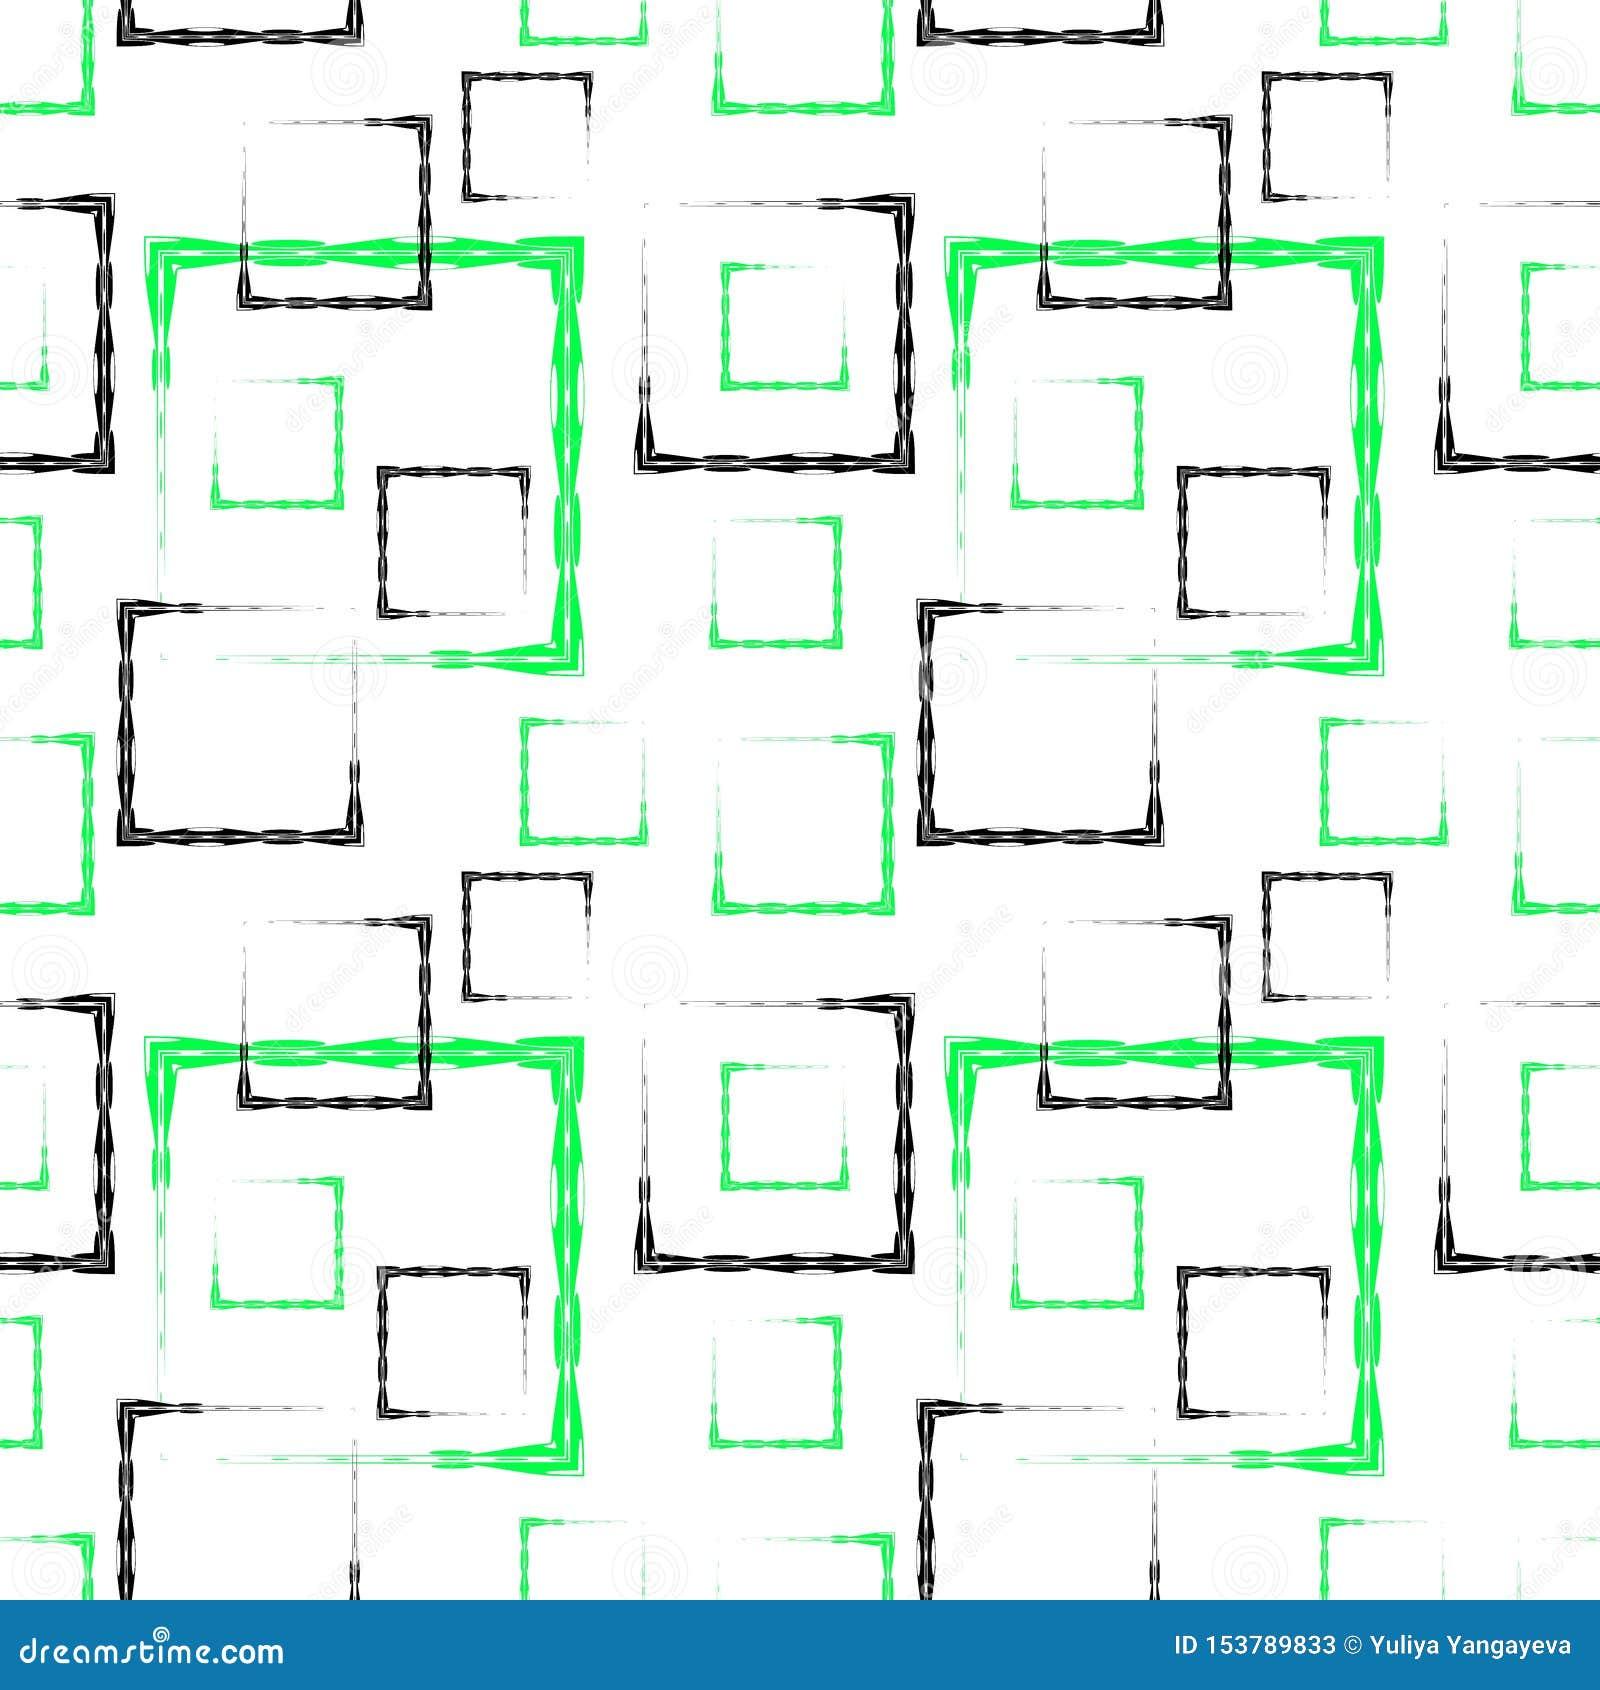 Places et cadres découpés verts et noirs pour un fond ou un modèle blanc abstrait